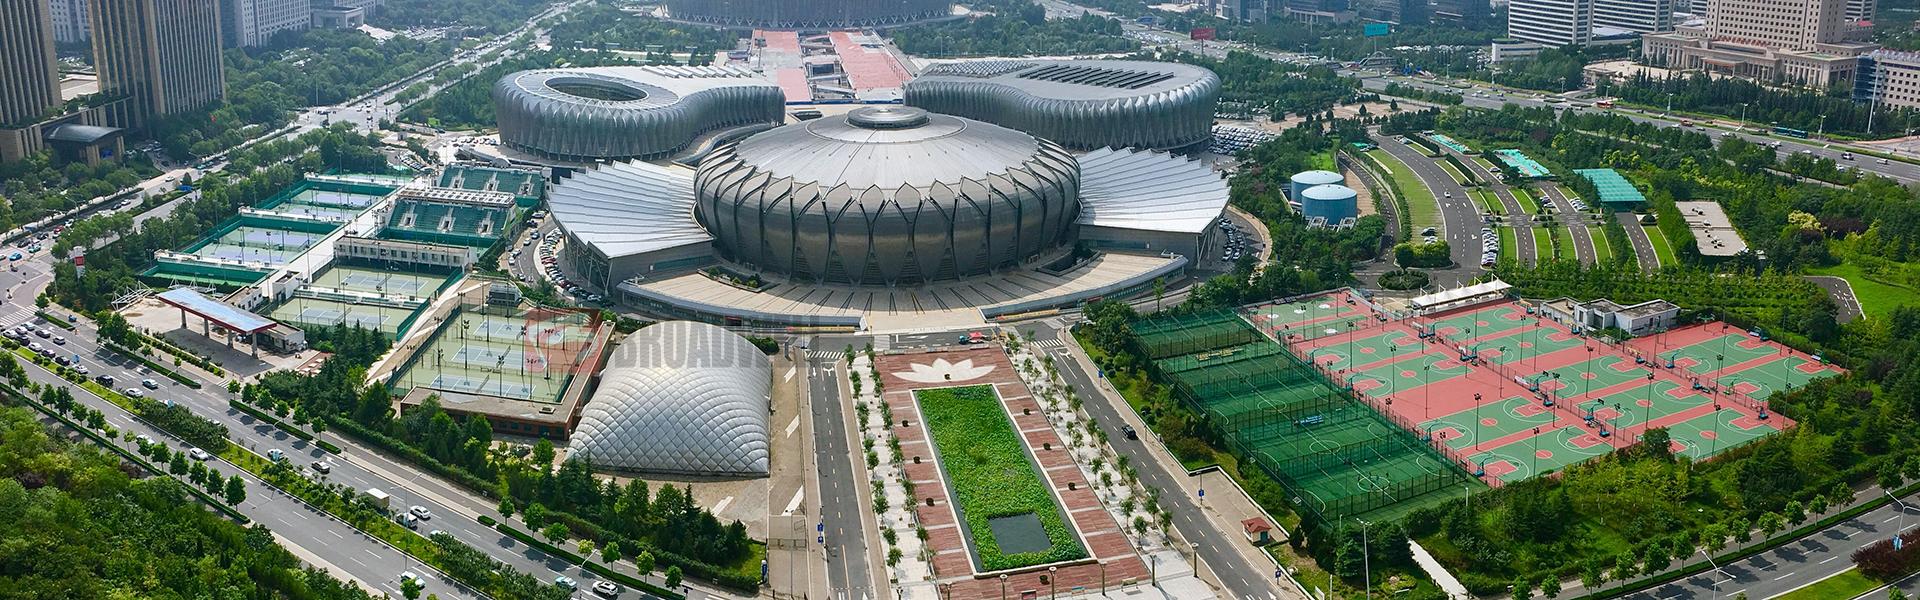 中国第一个室内充气膜游泳馆——济南奥体中心充气膜游泳馆